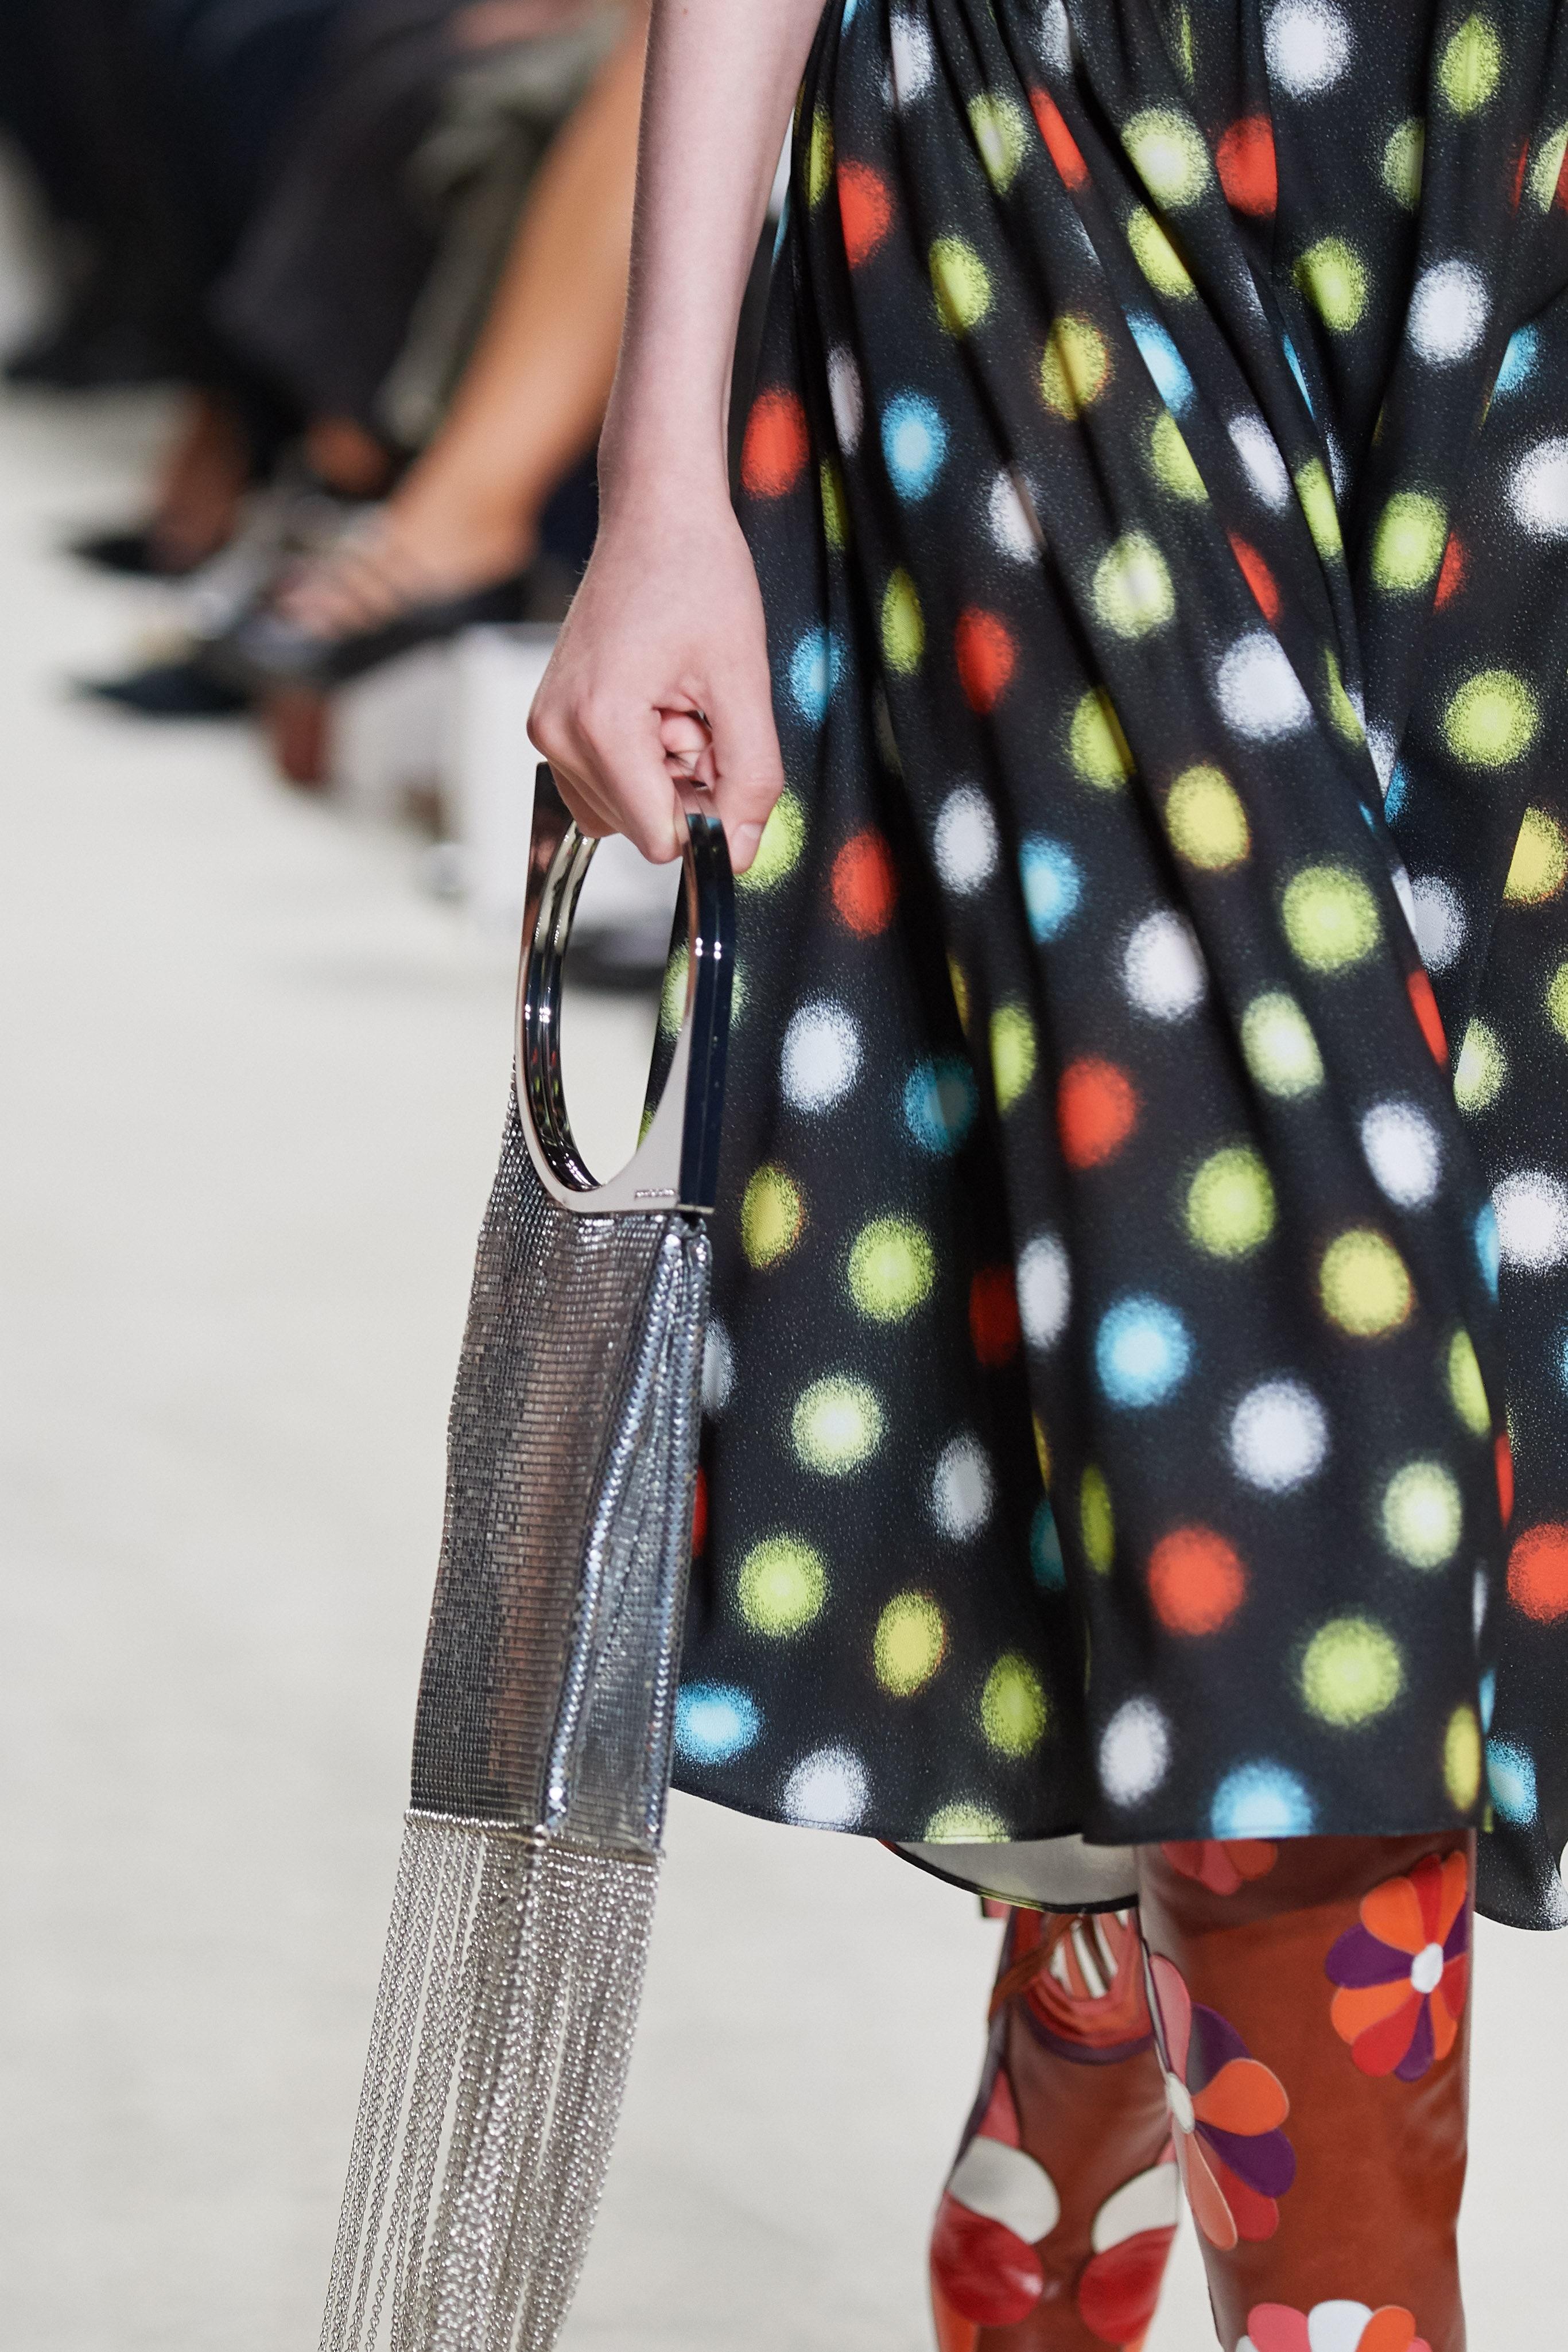 حقيبة يد ميتاليك بالشراريب الفضية من باكو رابان Paco Rabanne